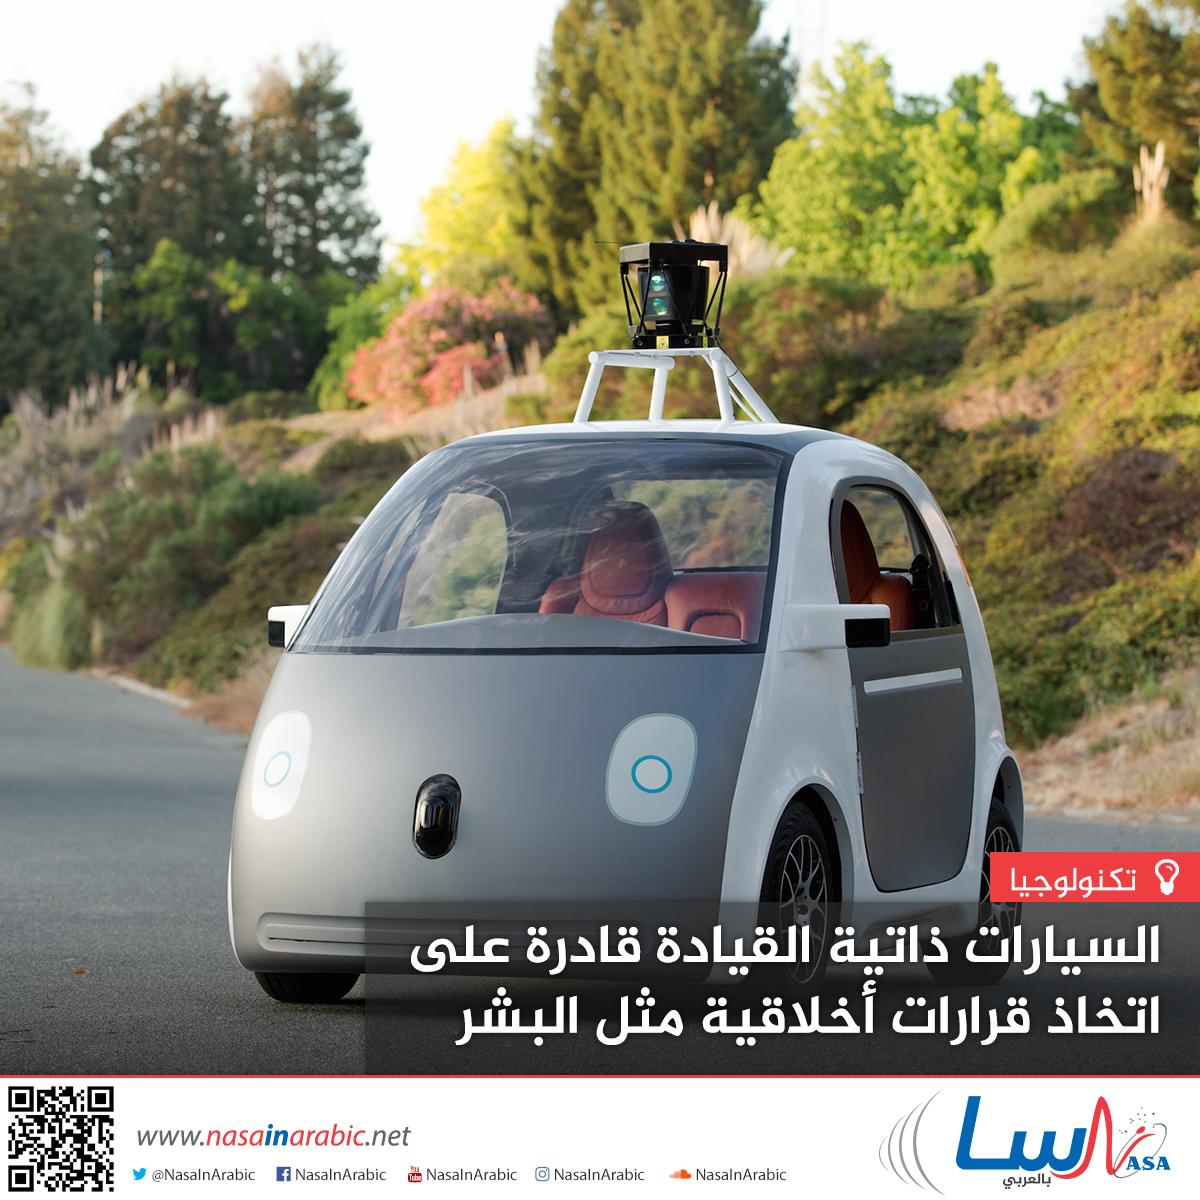 السيارات ذاتية القيادة قادرة على اتخاذ قرارات أخلاقية مثل البشر